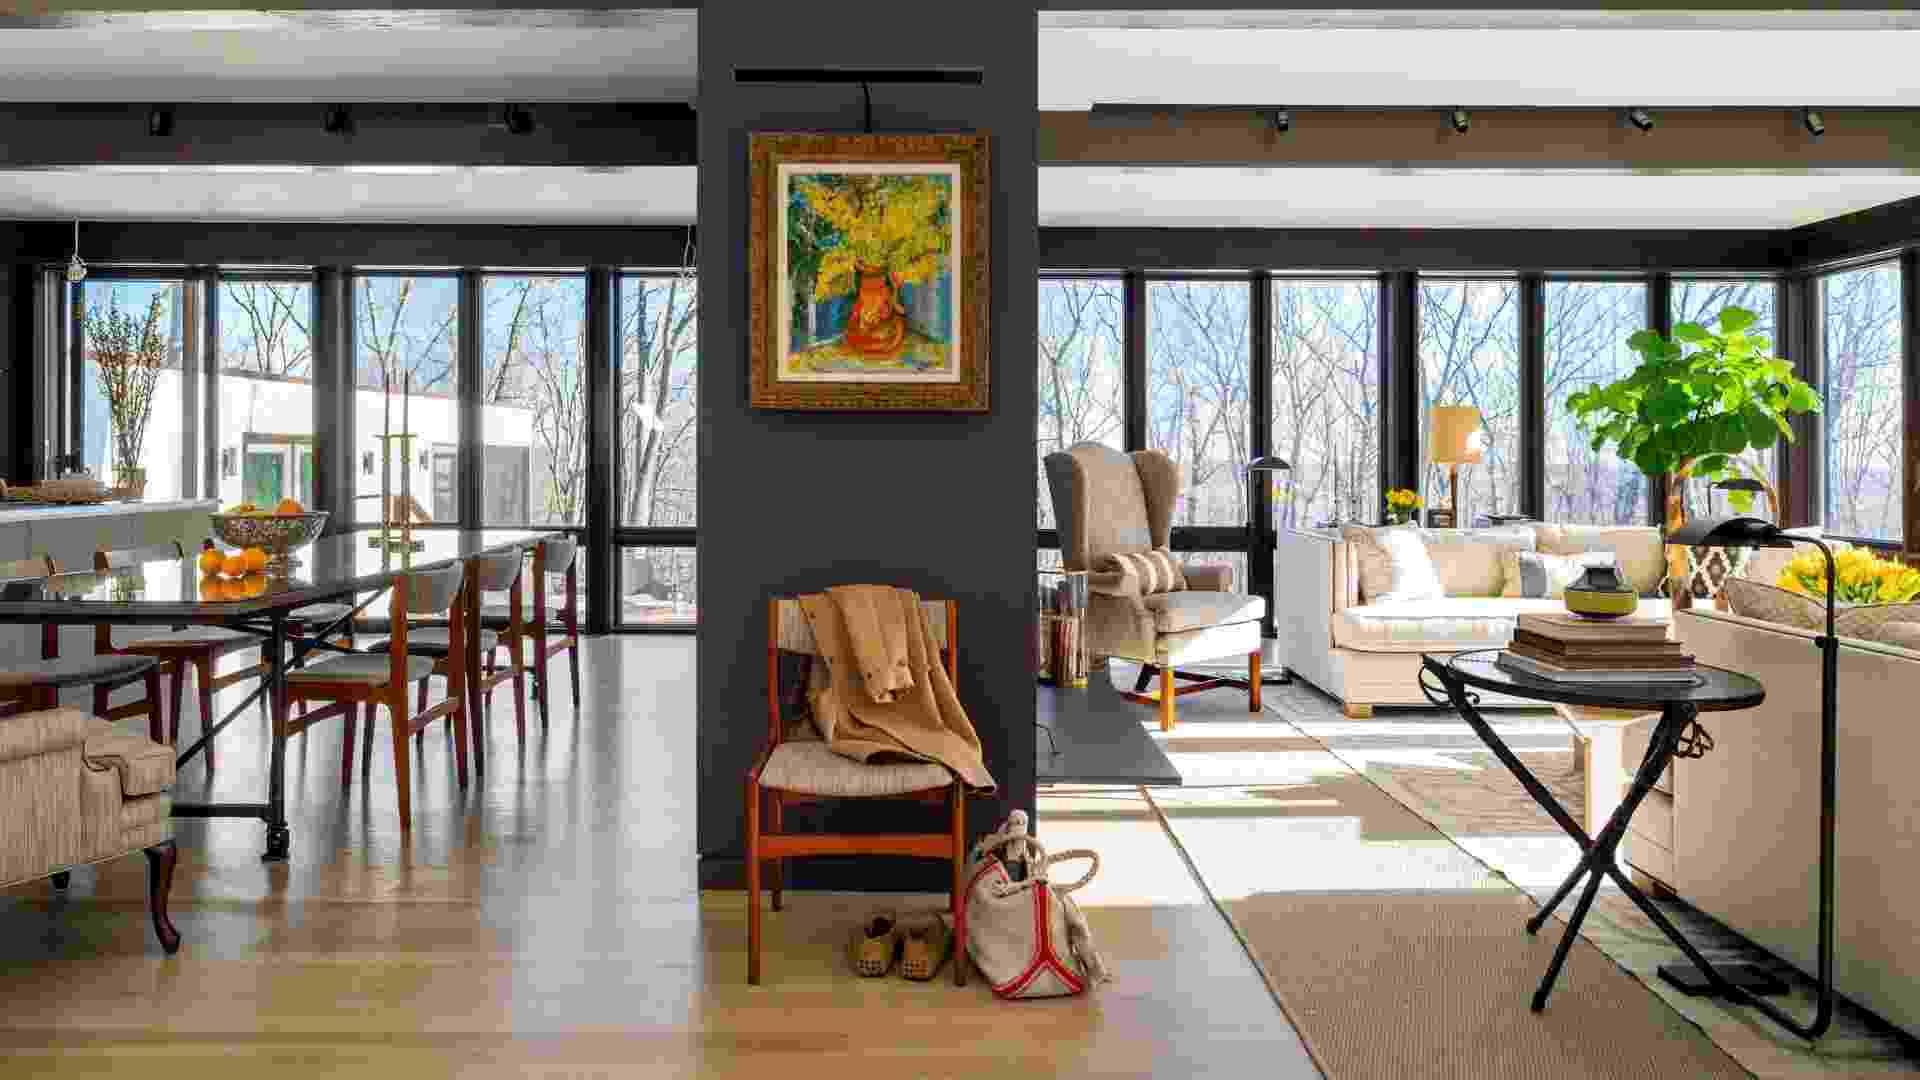 Restauro - Casa Modernista de vidro em Connecticut (imagem do NYT, usar apenas no respectivo material) - Trevor Tondro/ The New York Times